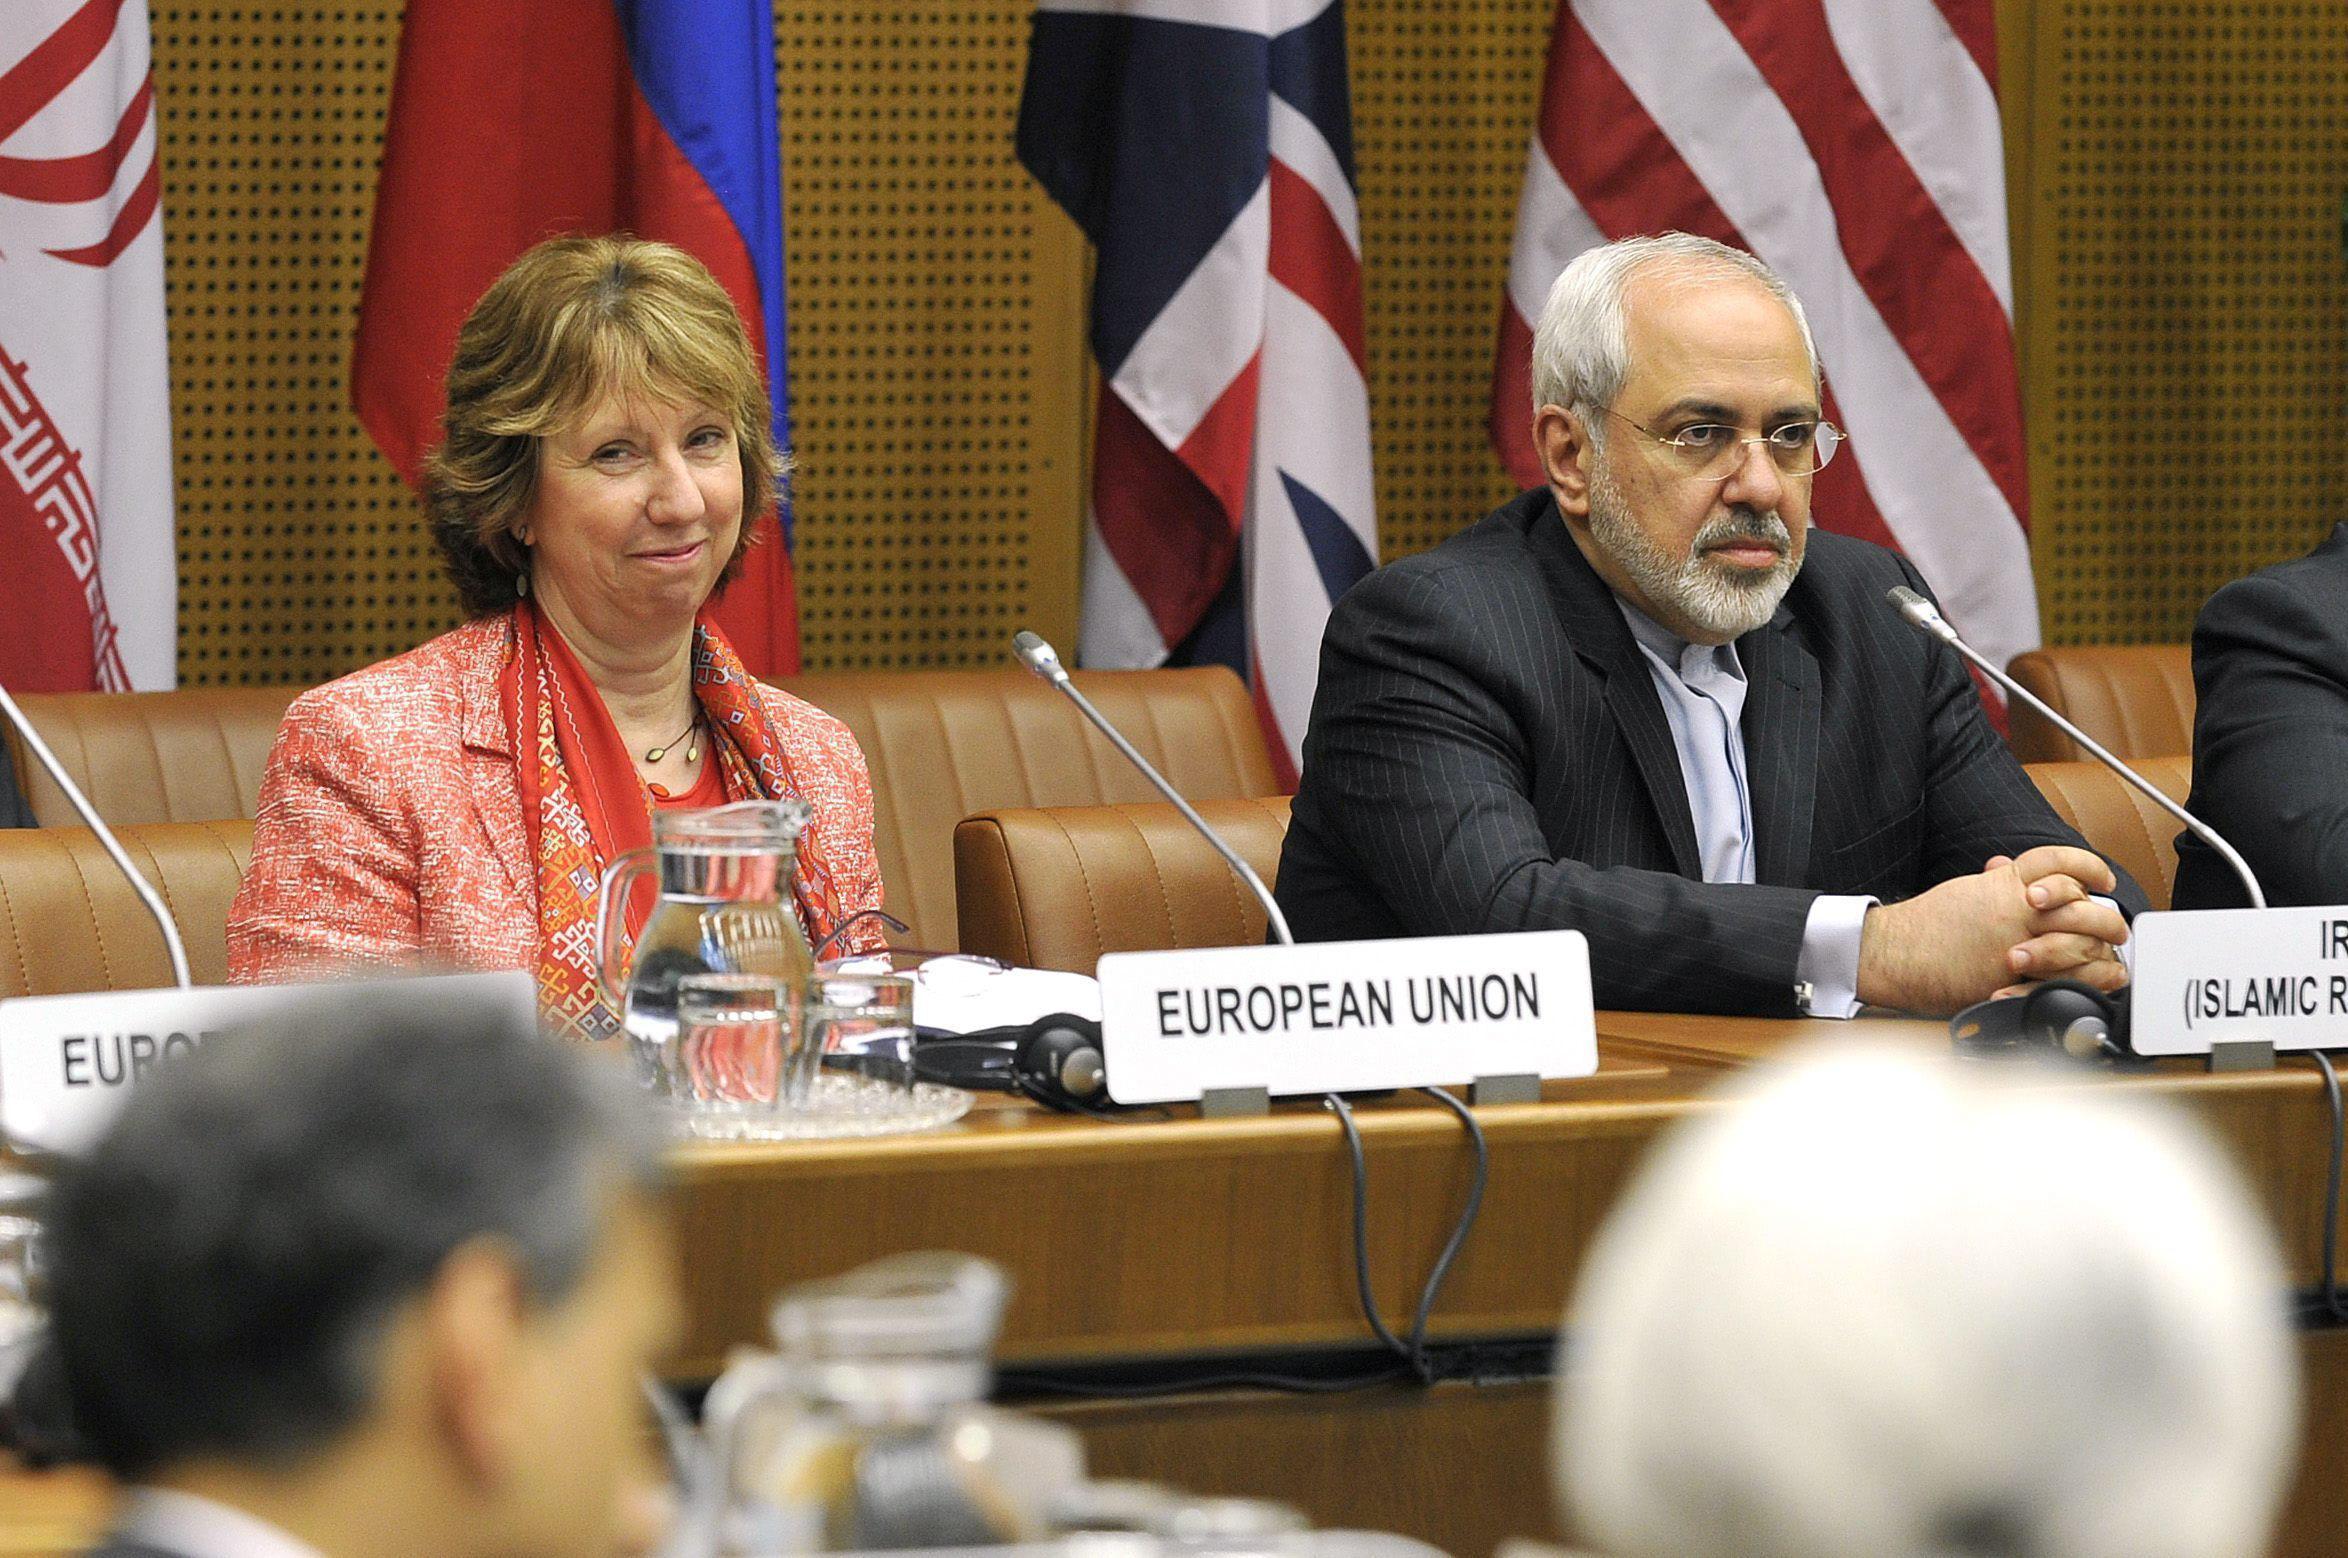 Ninguno de los logros nucleares de Irán se clausurarán, según Jameneí